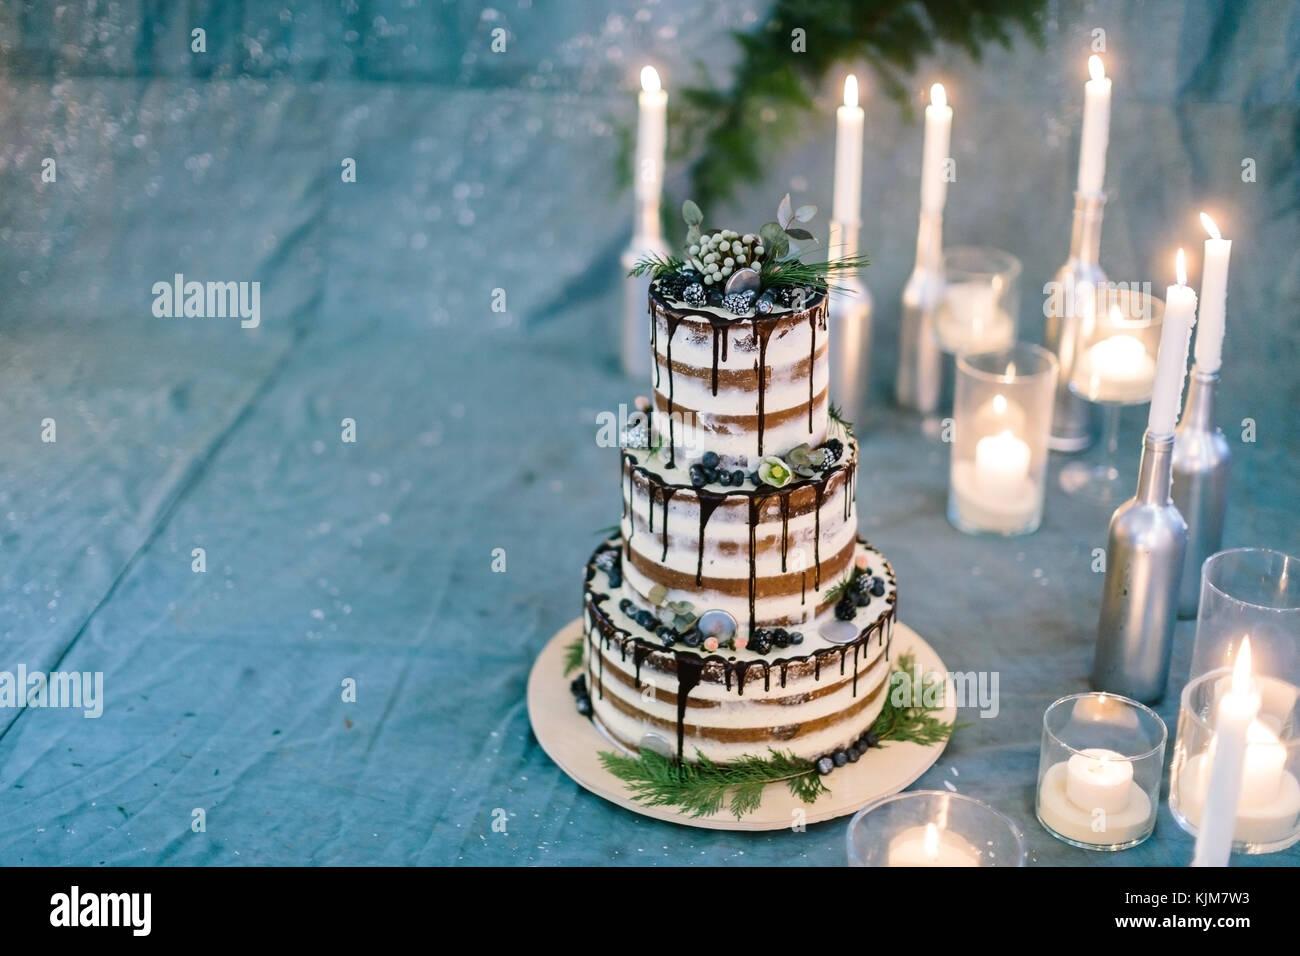 Süßwaren, Dessert, party Konzept. Wunderbare Kuchen besteht aus drei Ebenen, die alle sorgfältig Stockbild